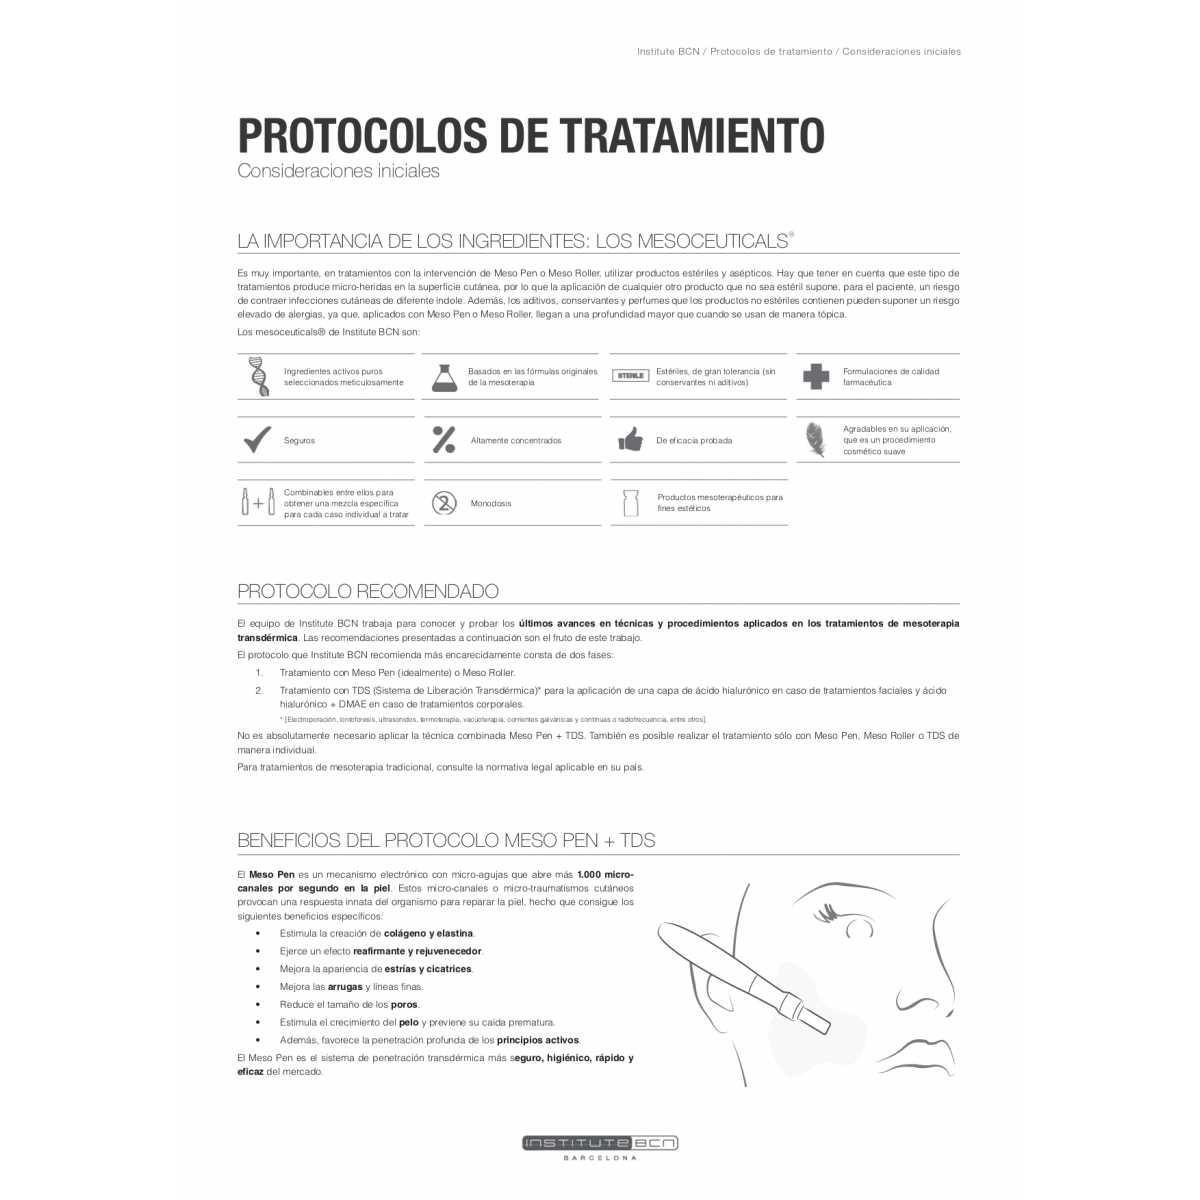 Acido ialuronico 0,8% - anti-Invecchiamento - Principi attivi - Institute BCN